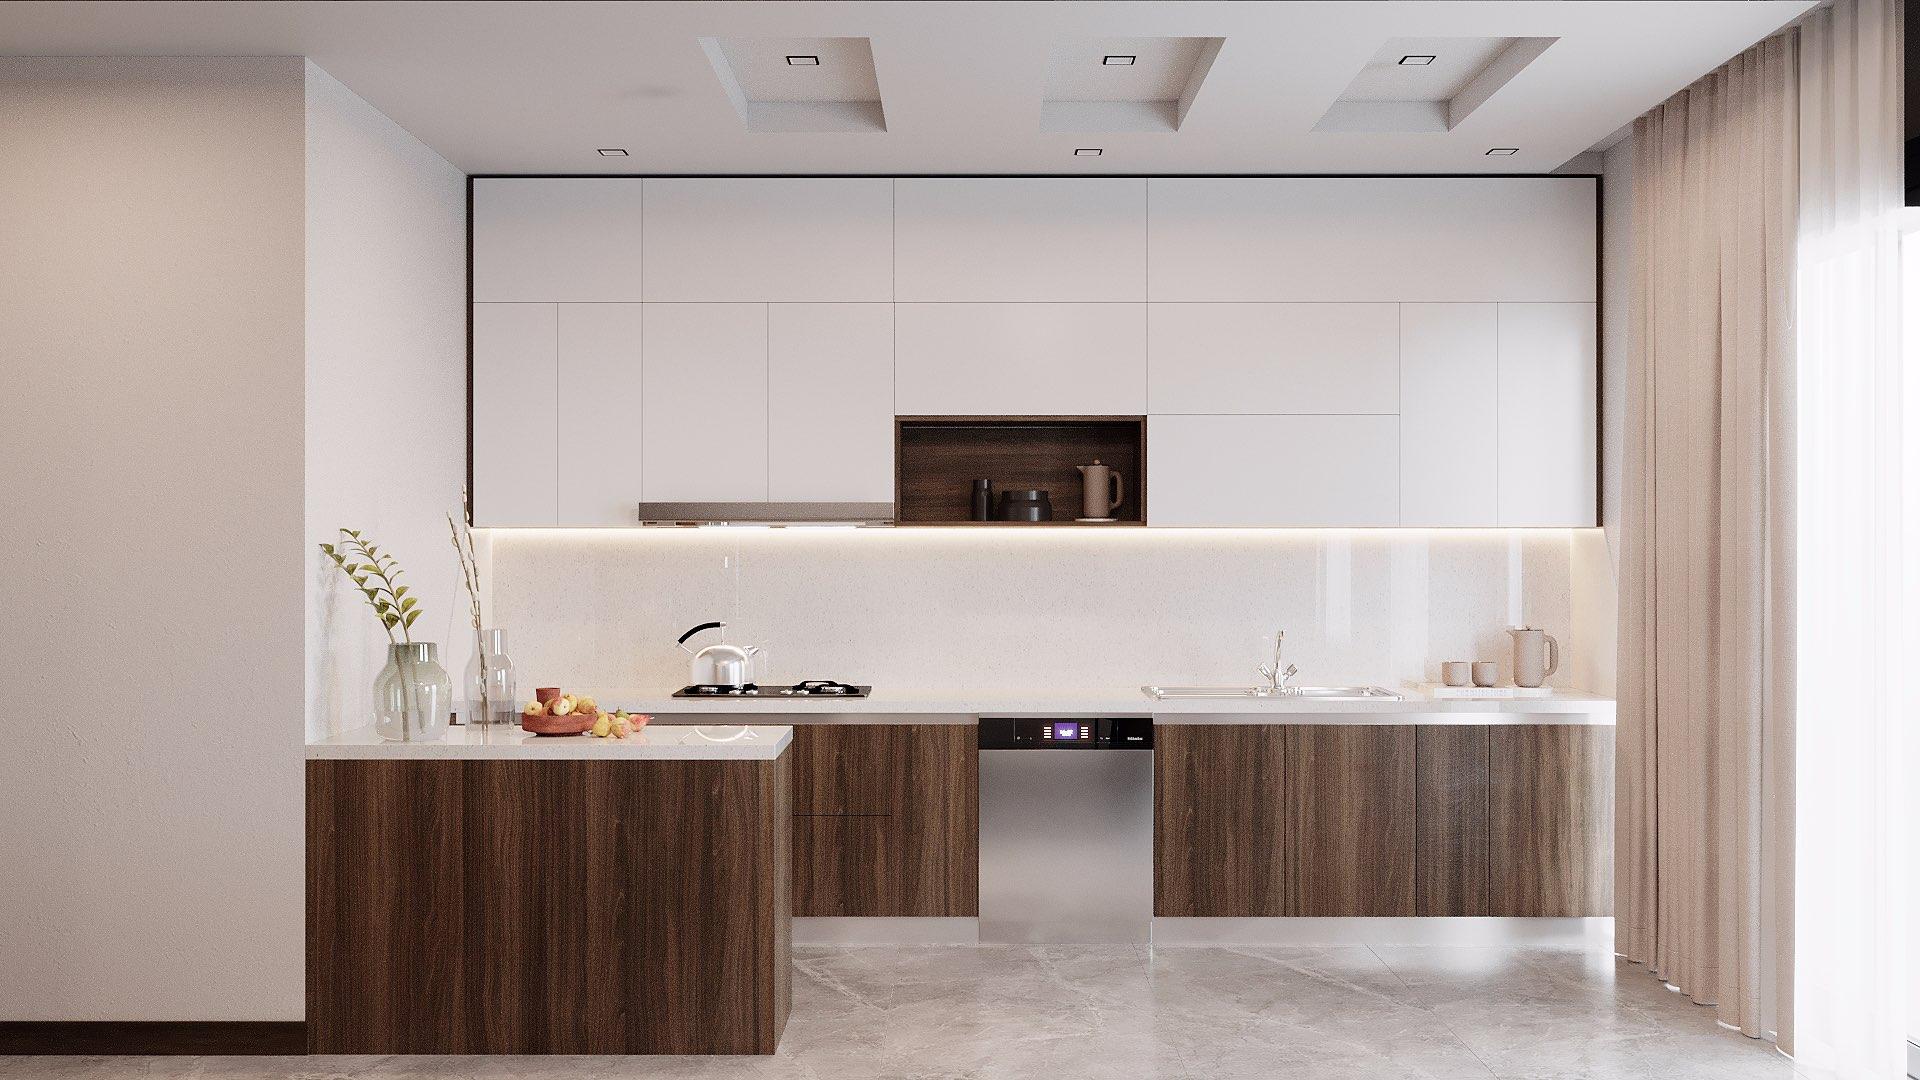 Tủ bếp kịch trần kết hợp với cách bố trí theo từng luồng công việc giúp tăng khả năng lưu trữ và sự tiện lợi cho người sử dụng